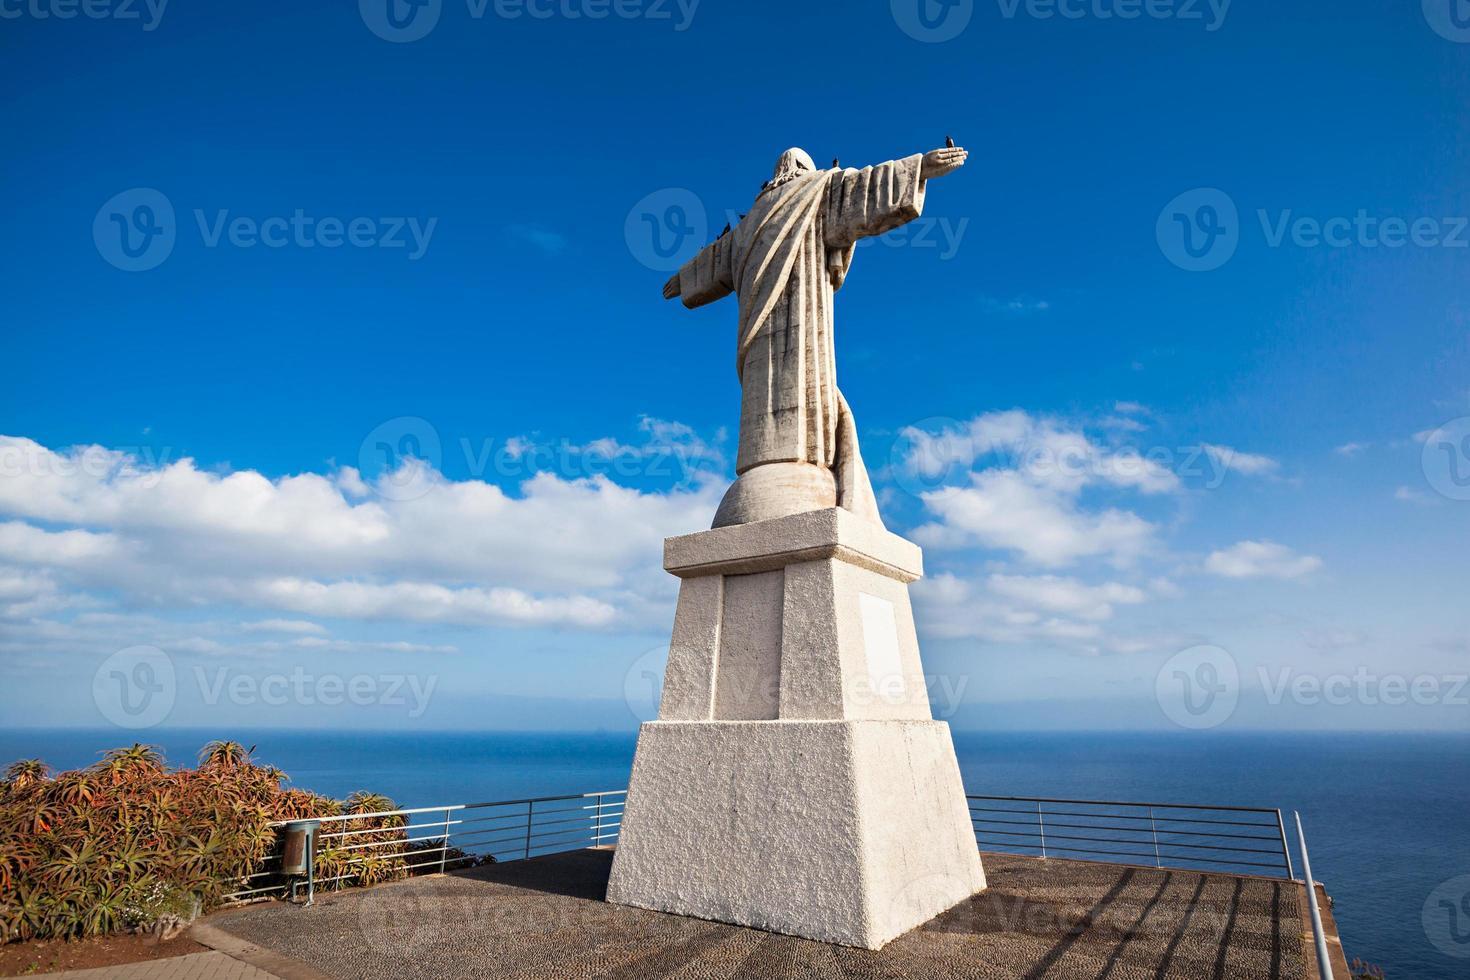 die Christusstatue auf der Insel Madeira, Portugal foto